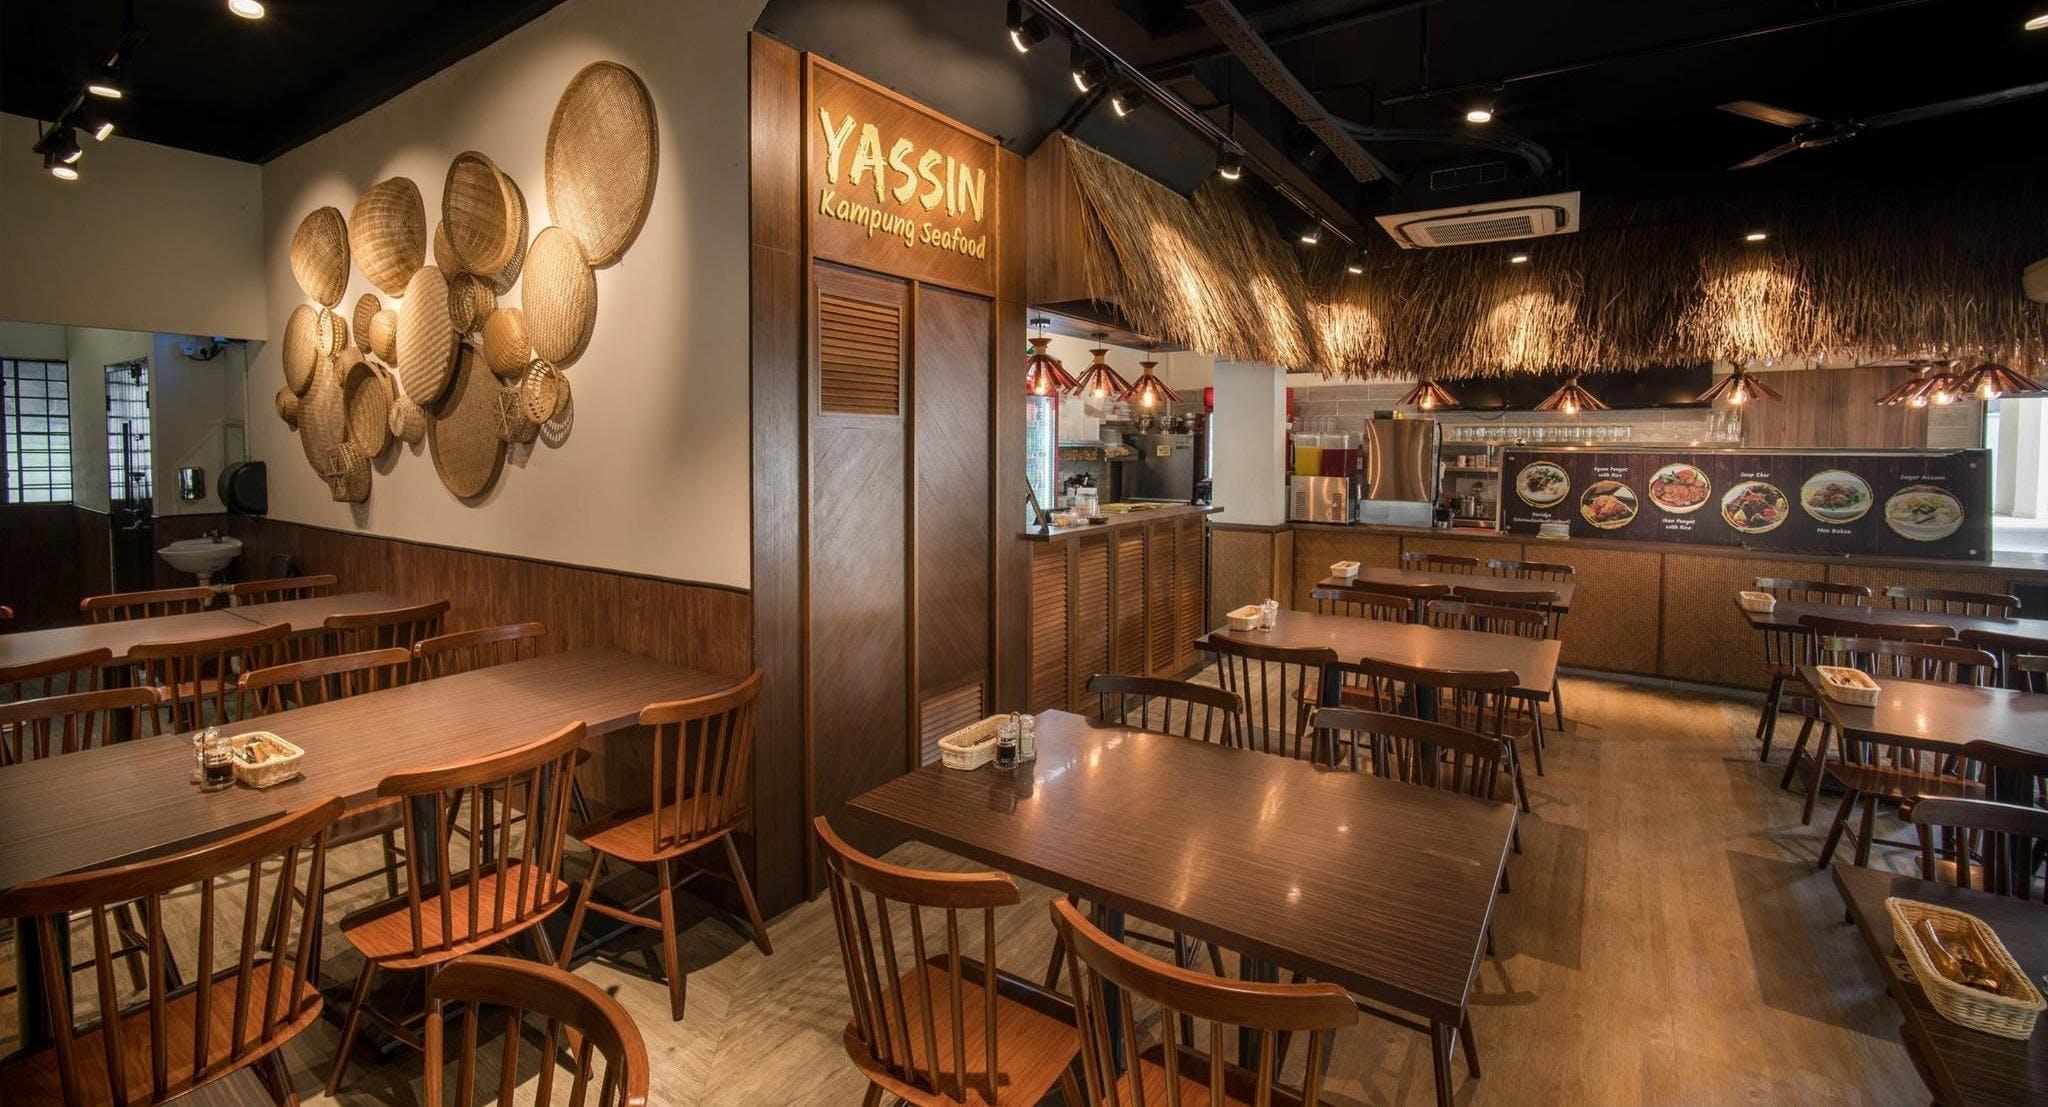 Yassin Kampung Seafood Bedok Singapore image 1